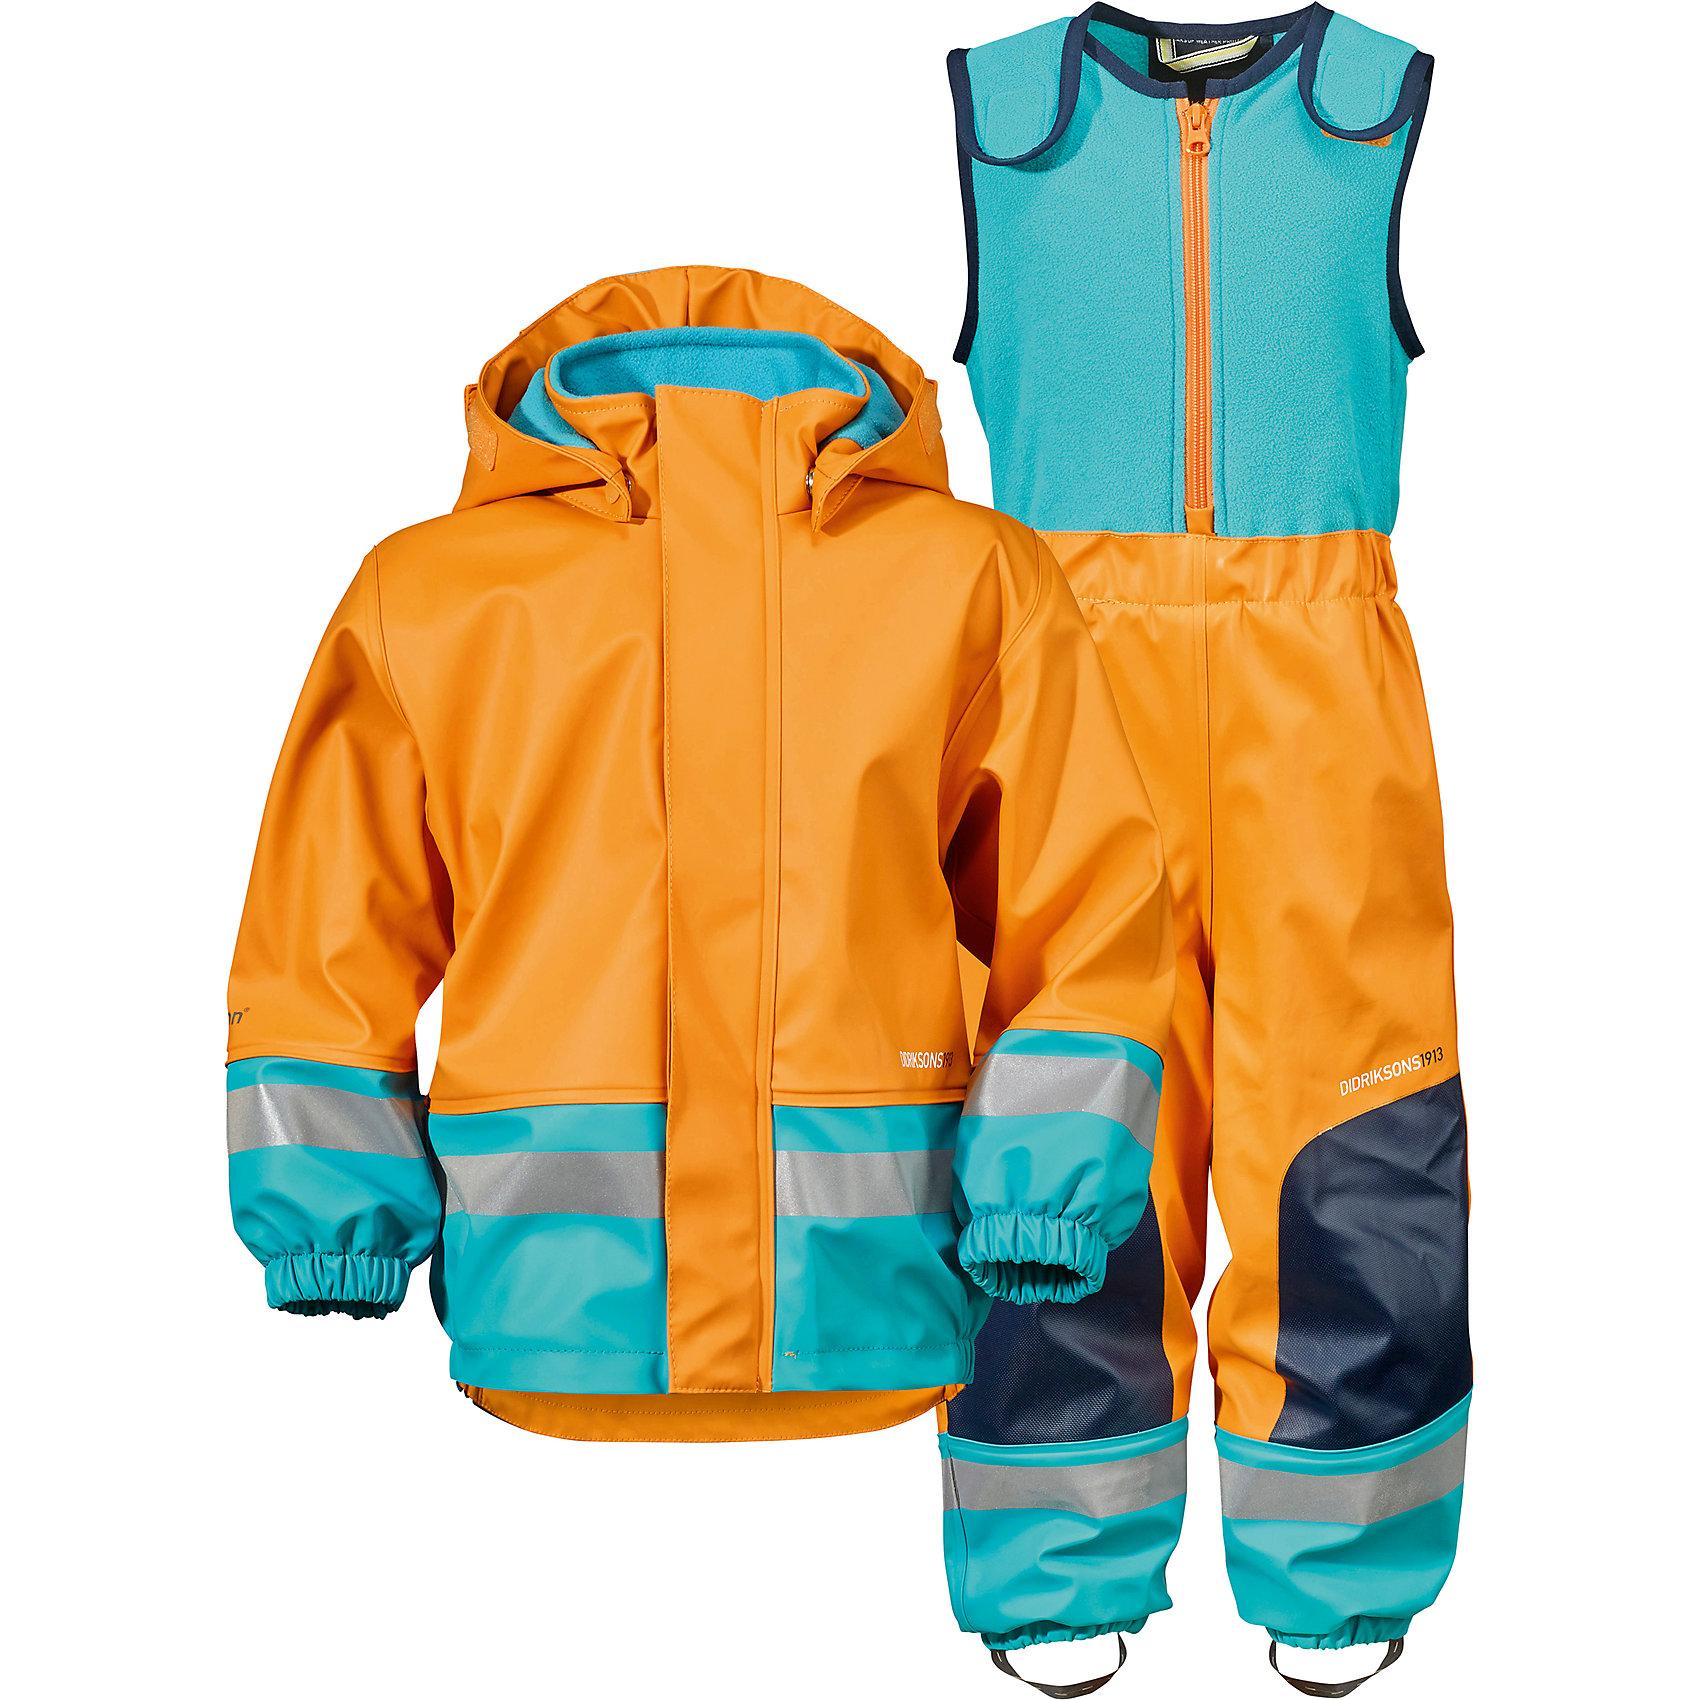 Комплект BOARDMAN  DIDRIKSONSВерхняя одежда<br>Детский костюм из абсолютно водронепроницаемого мягкого полиуретана Galon на подкладке из флиса. Все швы проклеены, что обеспечивает максимальную защиту от внешней влаги. Регулируемый съемный капюшон и пояс брюк. Резинки для ботинок. Фронтальная молния под планкой. Зона коленей усилена дополнительным слоем ткани. Светоотражатели. Ткань - износоустойчивая, за ней легко ухаживать - грязь легко удаляется с помощью влажной губки или ткани. Костюм незаменим в ненастную прохладную погоду, рассчитан на температуру от 0 до +7. Ребёнок будет счастлив обмерить все лужи, залезть на все сугробы и прокатиться на грязных горках и останется сухим, а мама довольной.<br>Состав:<br>Верх - 100% полиуретан, подкладка - 100% полиэстер<br><br>Ширина мм: 356<br>Глубина мм: 10<br>Высота мм: 245<br>Вес г: 519<br>Цвет: оранжевый<br>Возраст от месяцев: 12<br>Возраст до месяцев: 15<br>Пол: Унисекс<br>Возраст: Детский<br>Размер: 80,70<br>SKU: 5527188